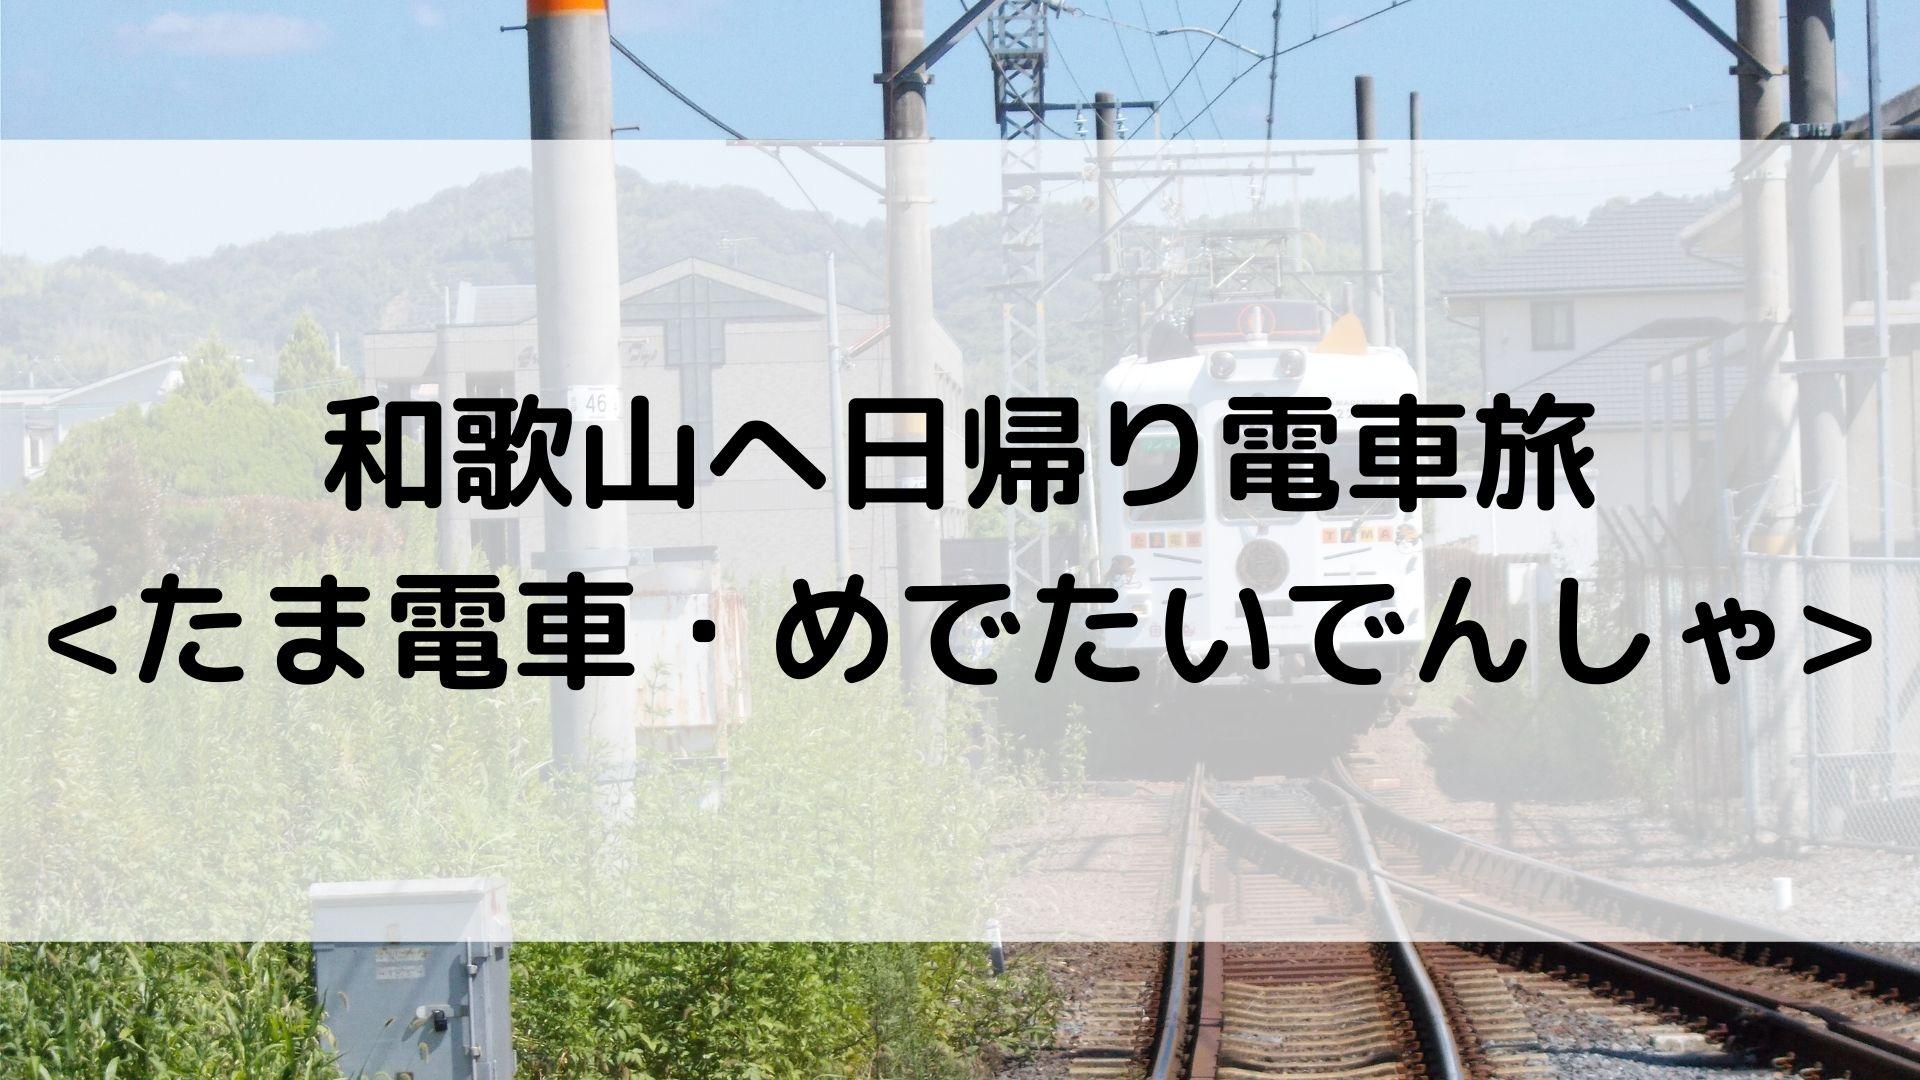 和歌山へ日帰り電車旅